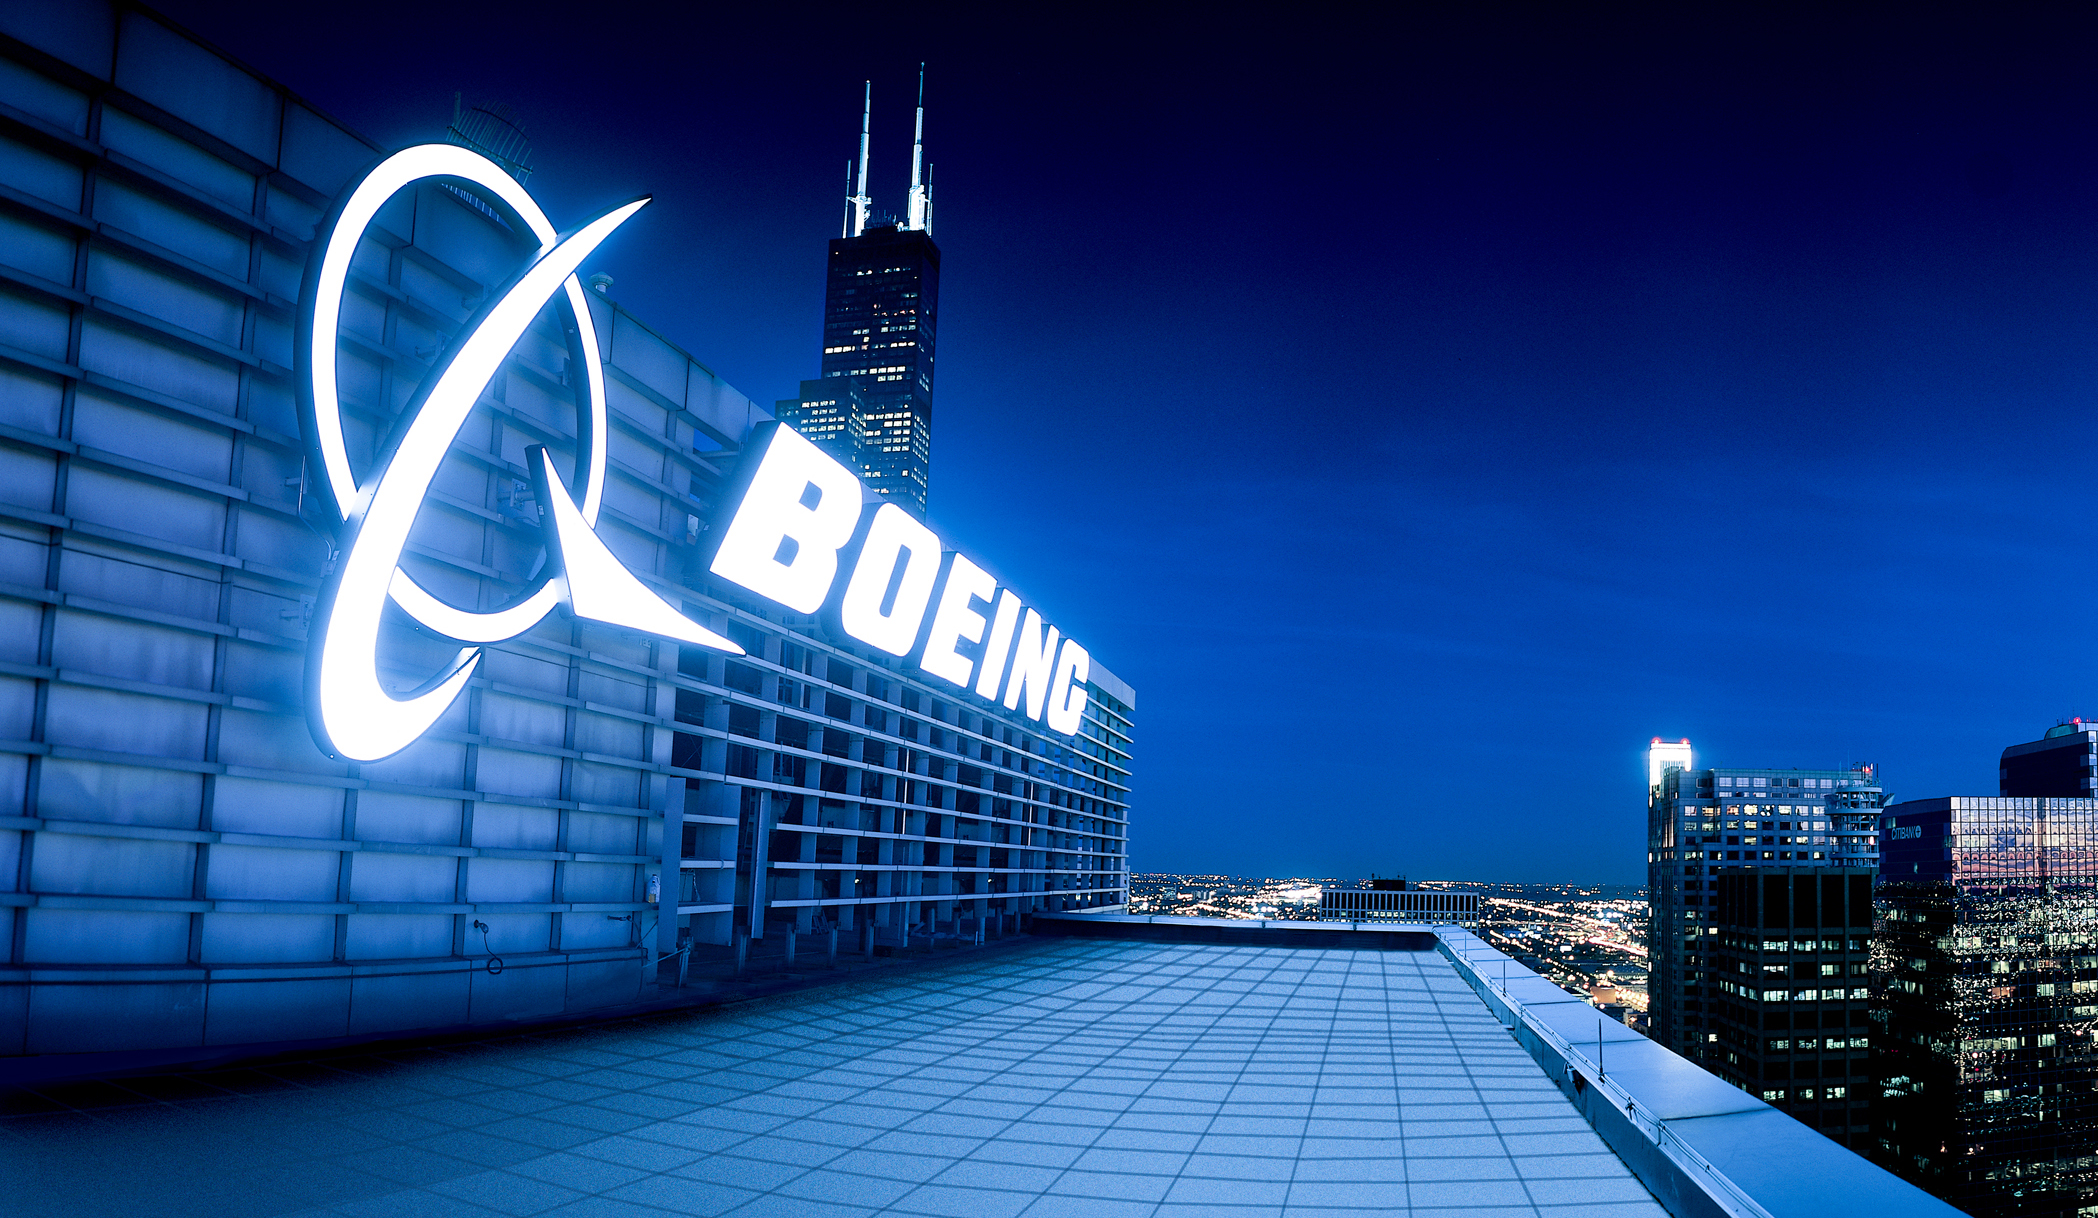 Boeing seeking $60B in aid for reeling US aerospace industry